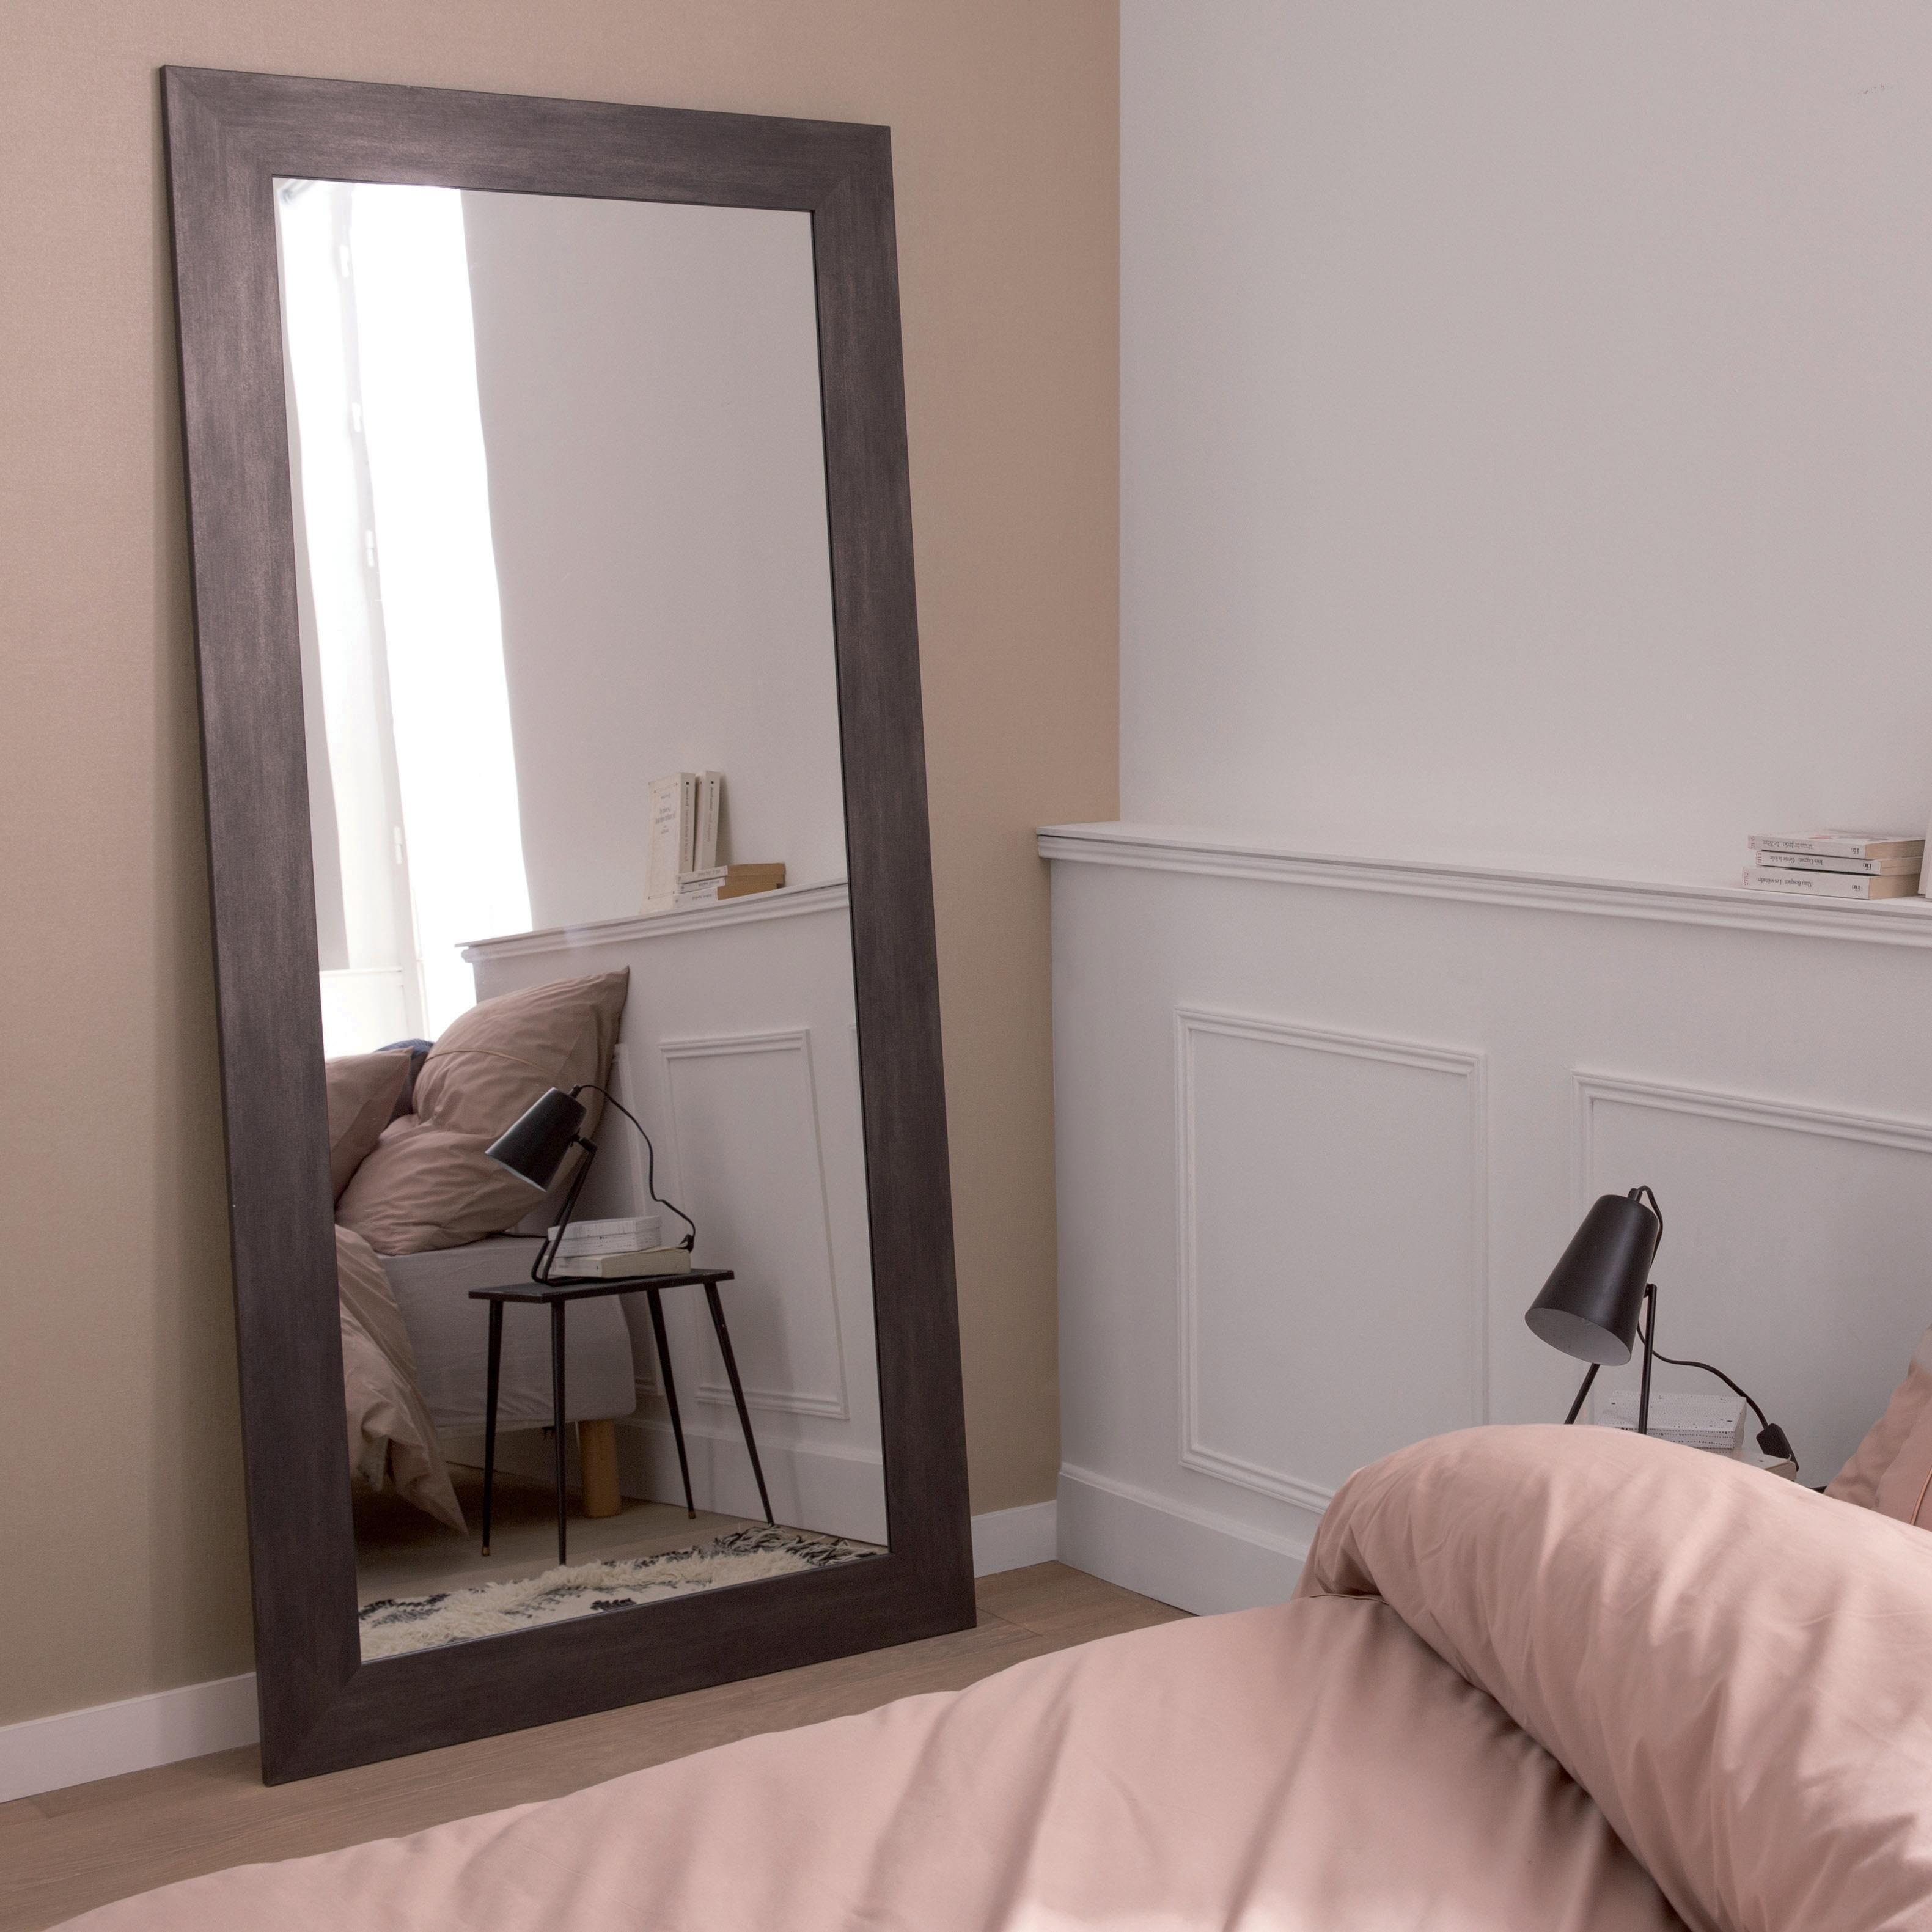 Specchio A Parete Rettangolare Loft Grafite 87x187 Cm Inspire Prezzo Online Leroy Merlin Specchio Da Parete Idee Per Decorare La Casa Idea Di Decorazione